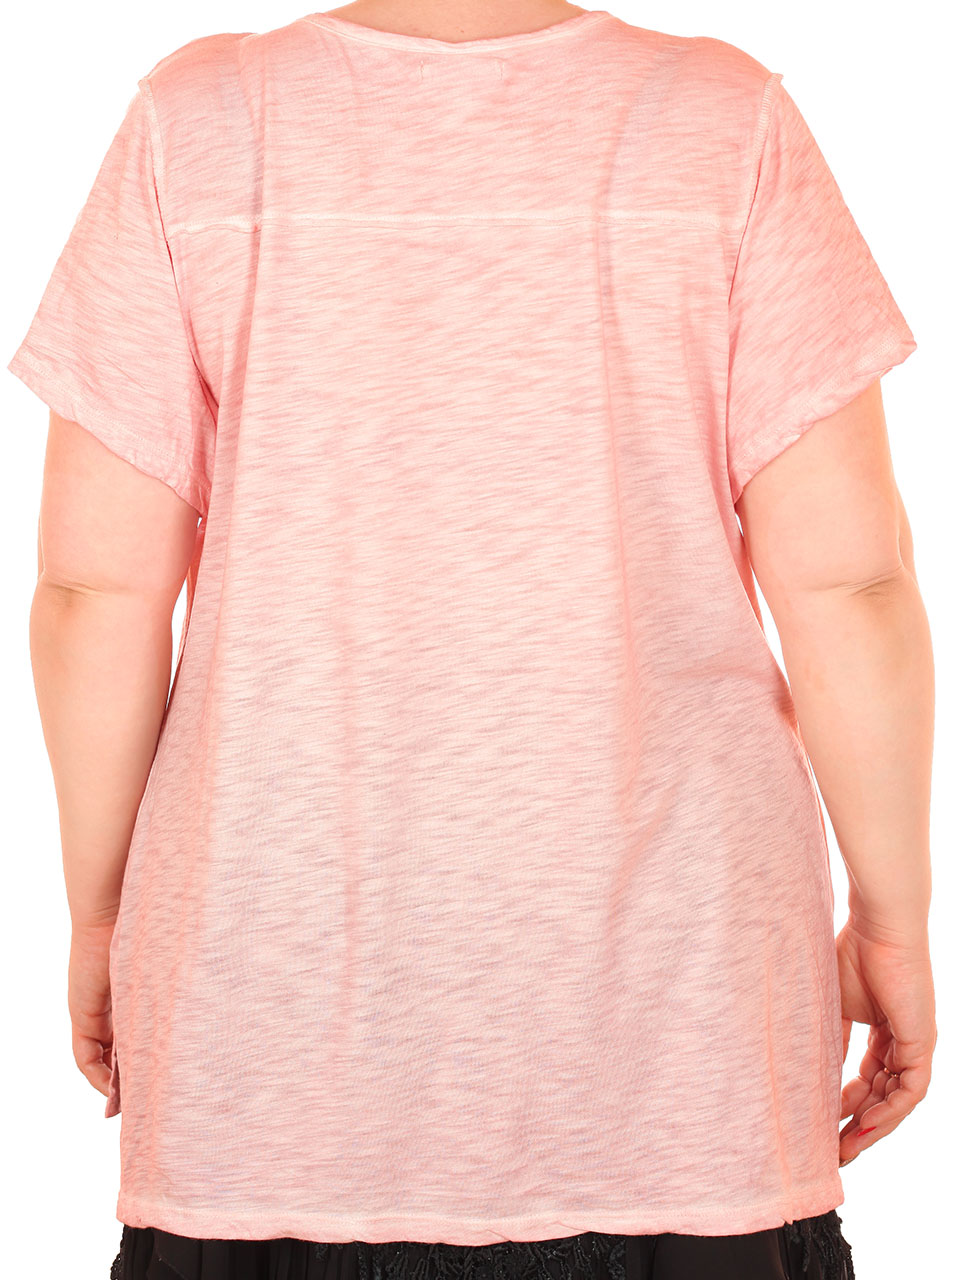 Женская просторная футболка Maurices – модный фасон, невесомый материал, женственный цвет